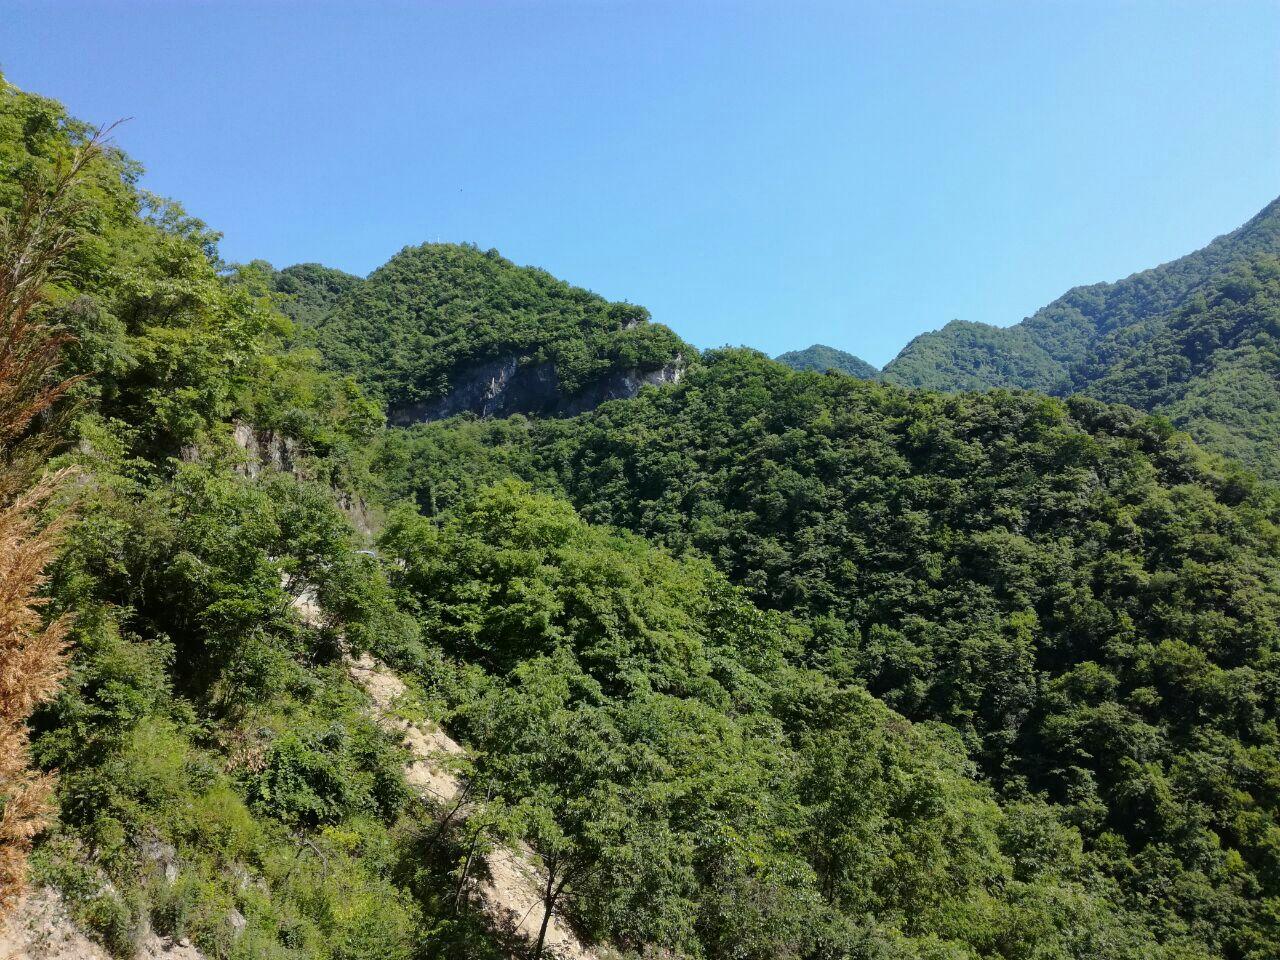 佛坪自然保护区旅游景点攻略图南宫安康攻略山岚皋图片